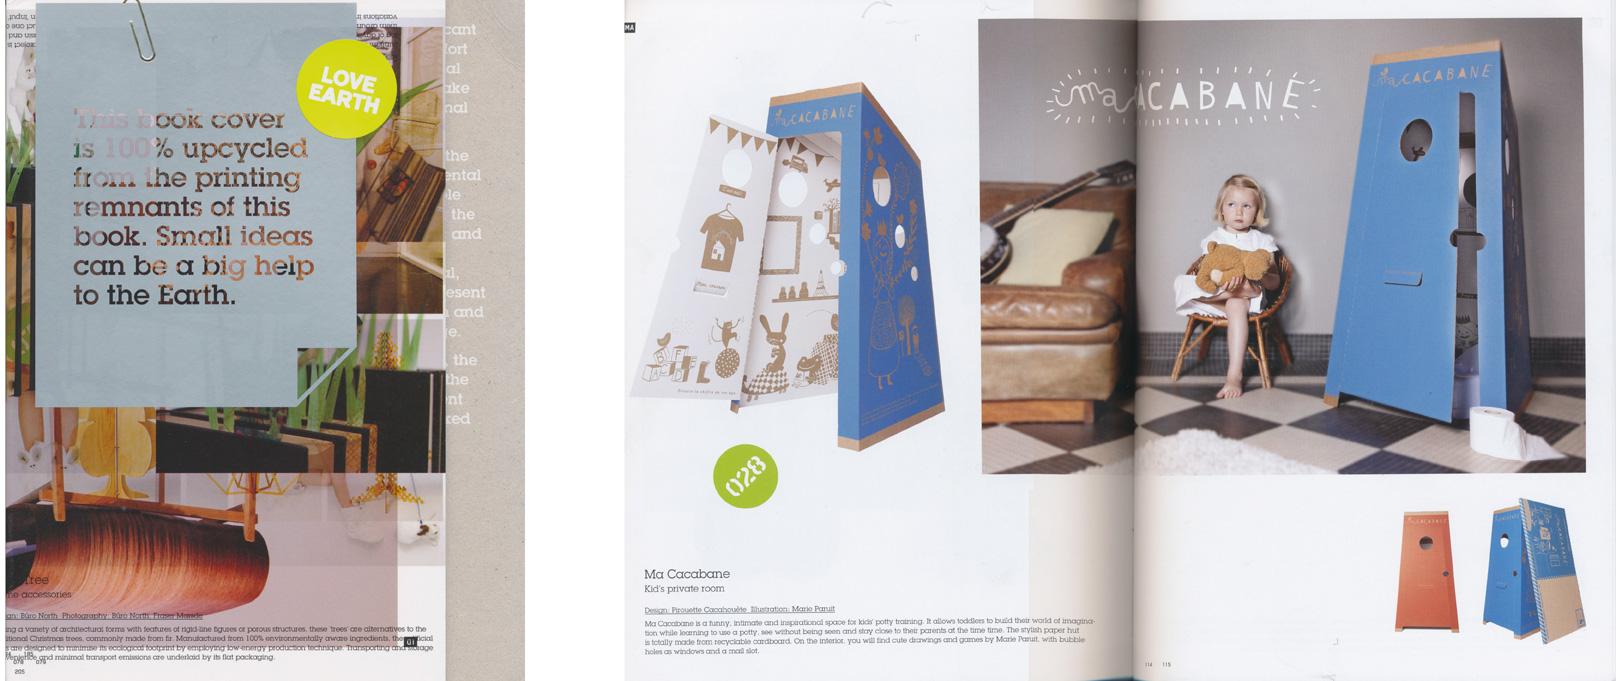 Publication ma Cacabane dans Love Earth livre de design